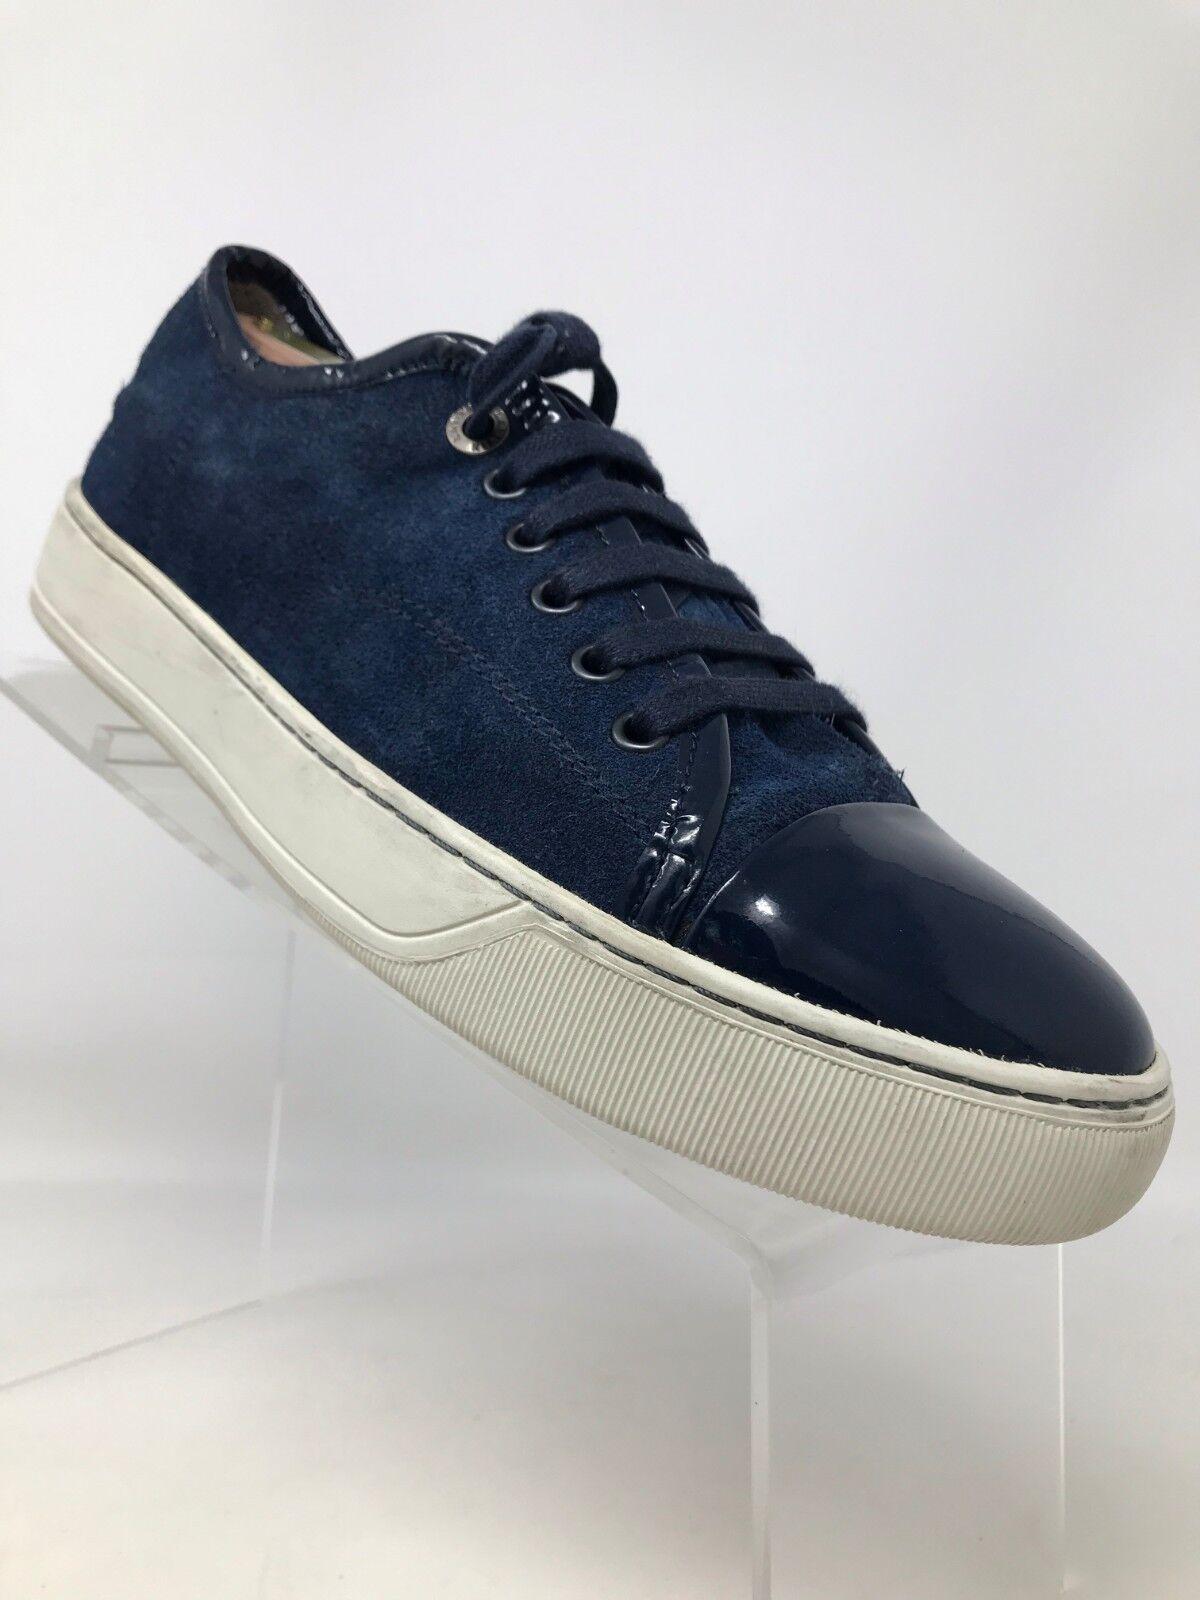 Lanvin Blue Low Top Suede Calf Skin Scarpe da Ginnastica Cap Toe Lace Up Uomo EUR 39 US 7